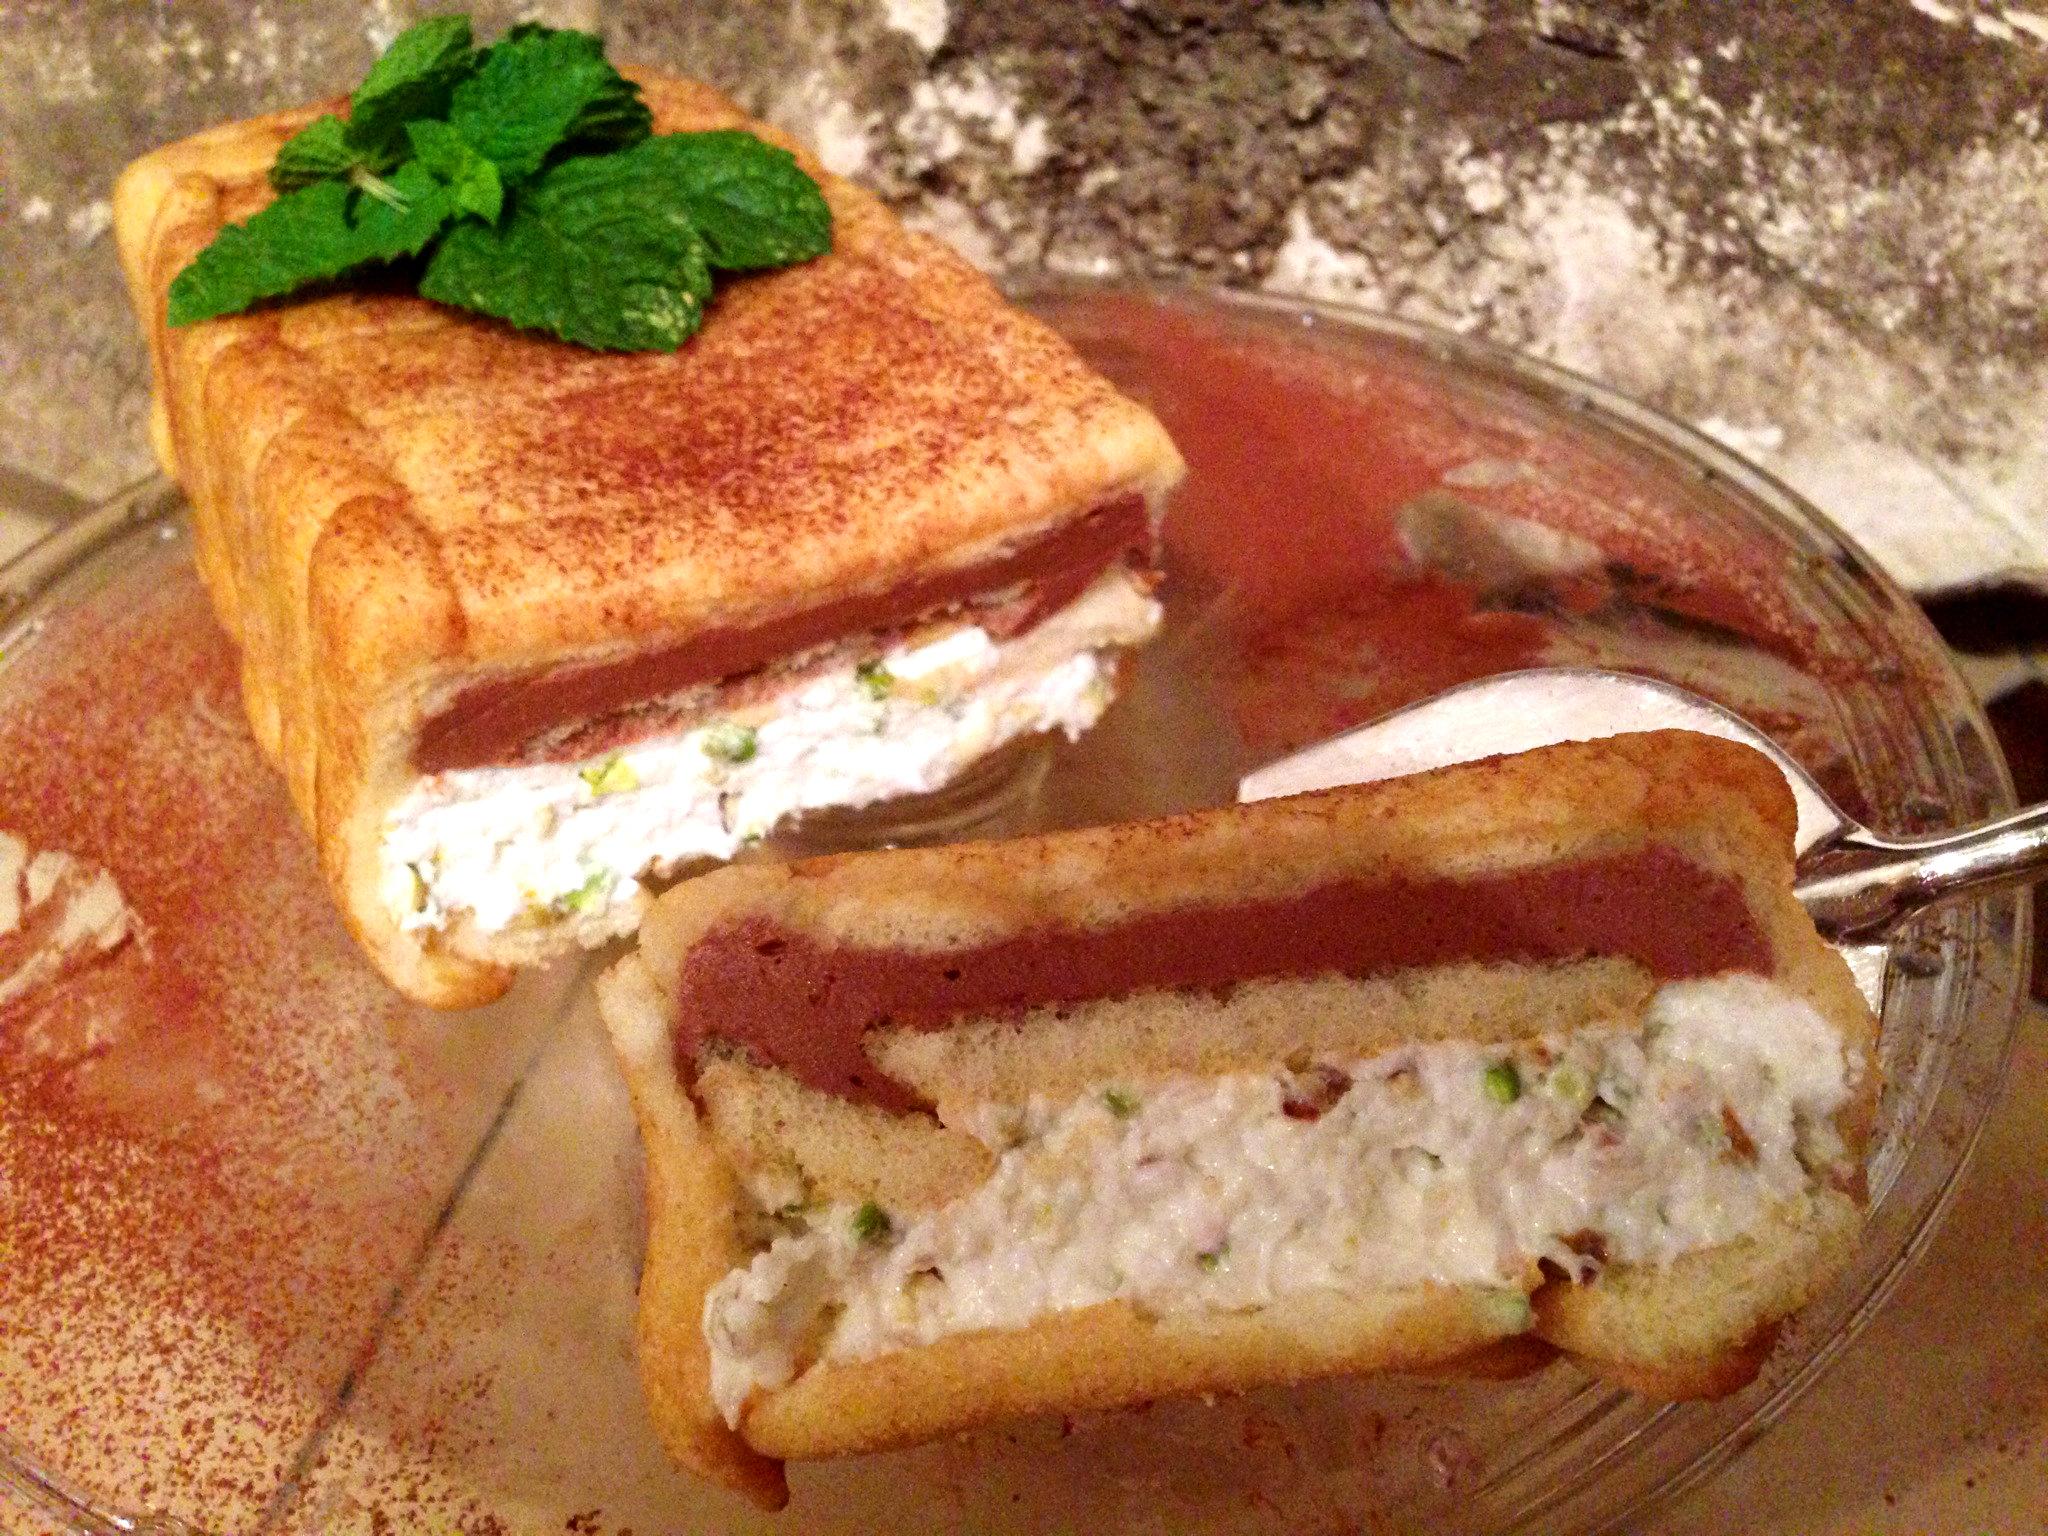 Il Semifrdddo ai Pavesini, è un dolce fresco e leggero con yogurt greco di dolci senza burro